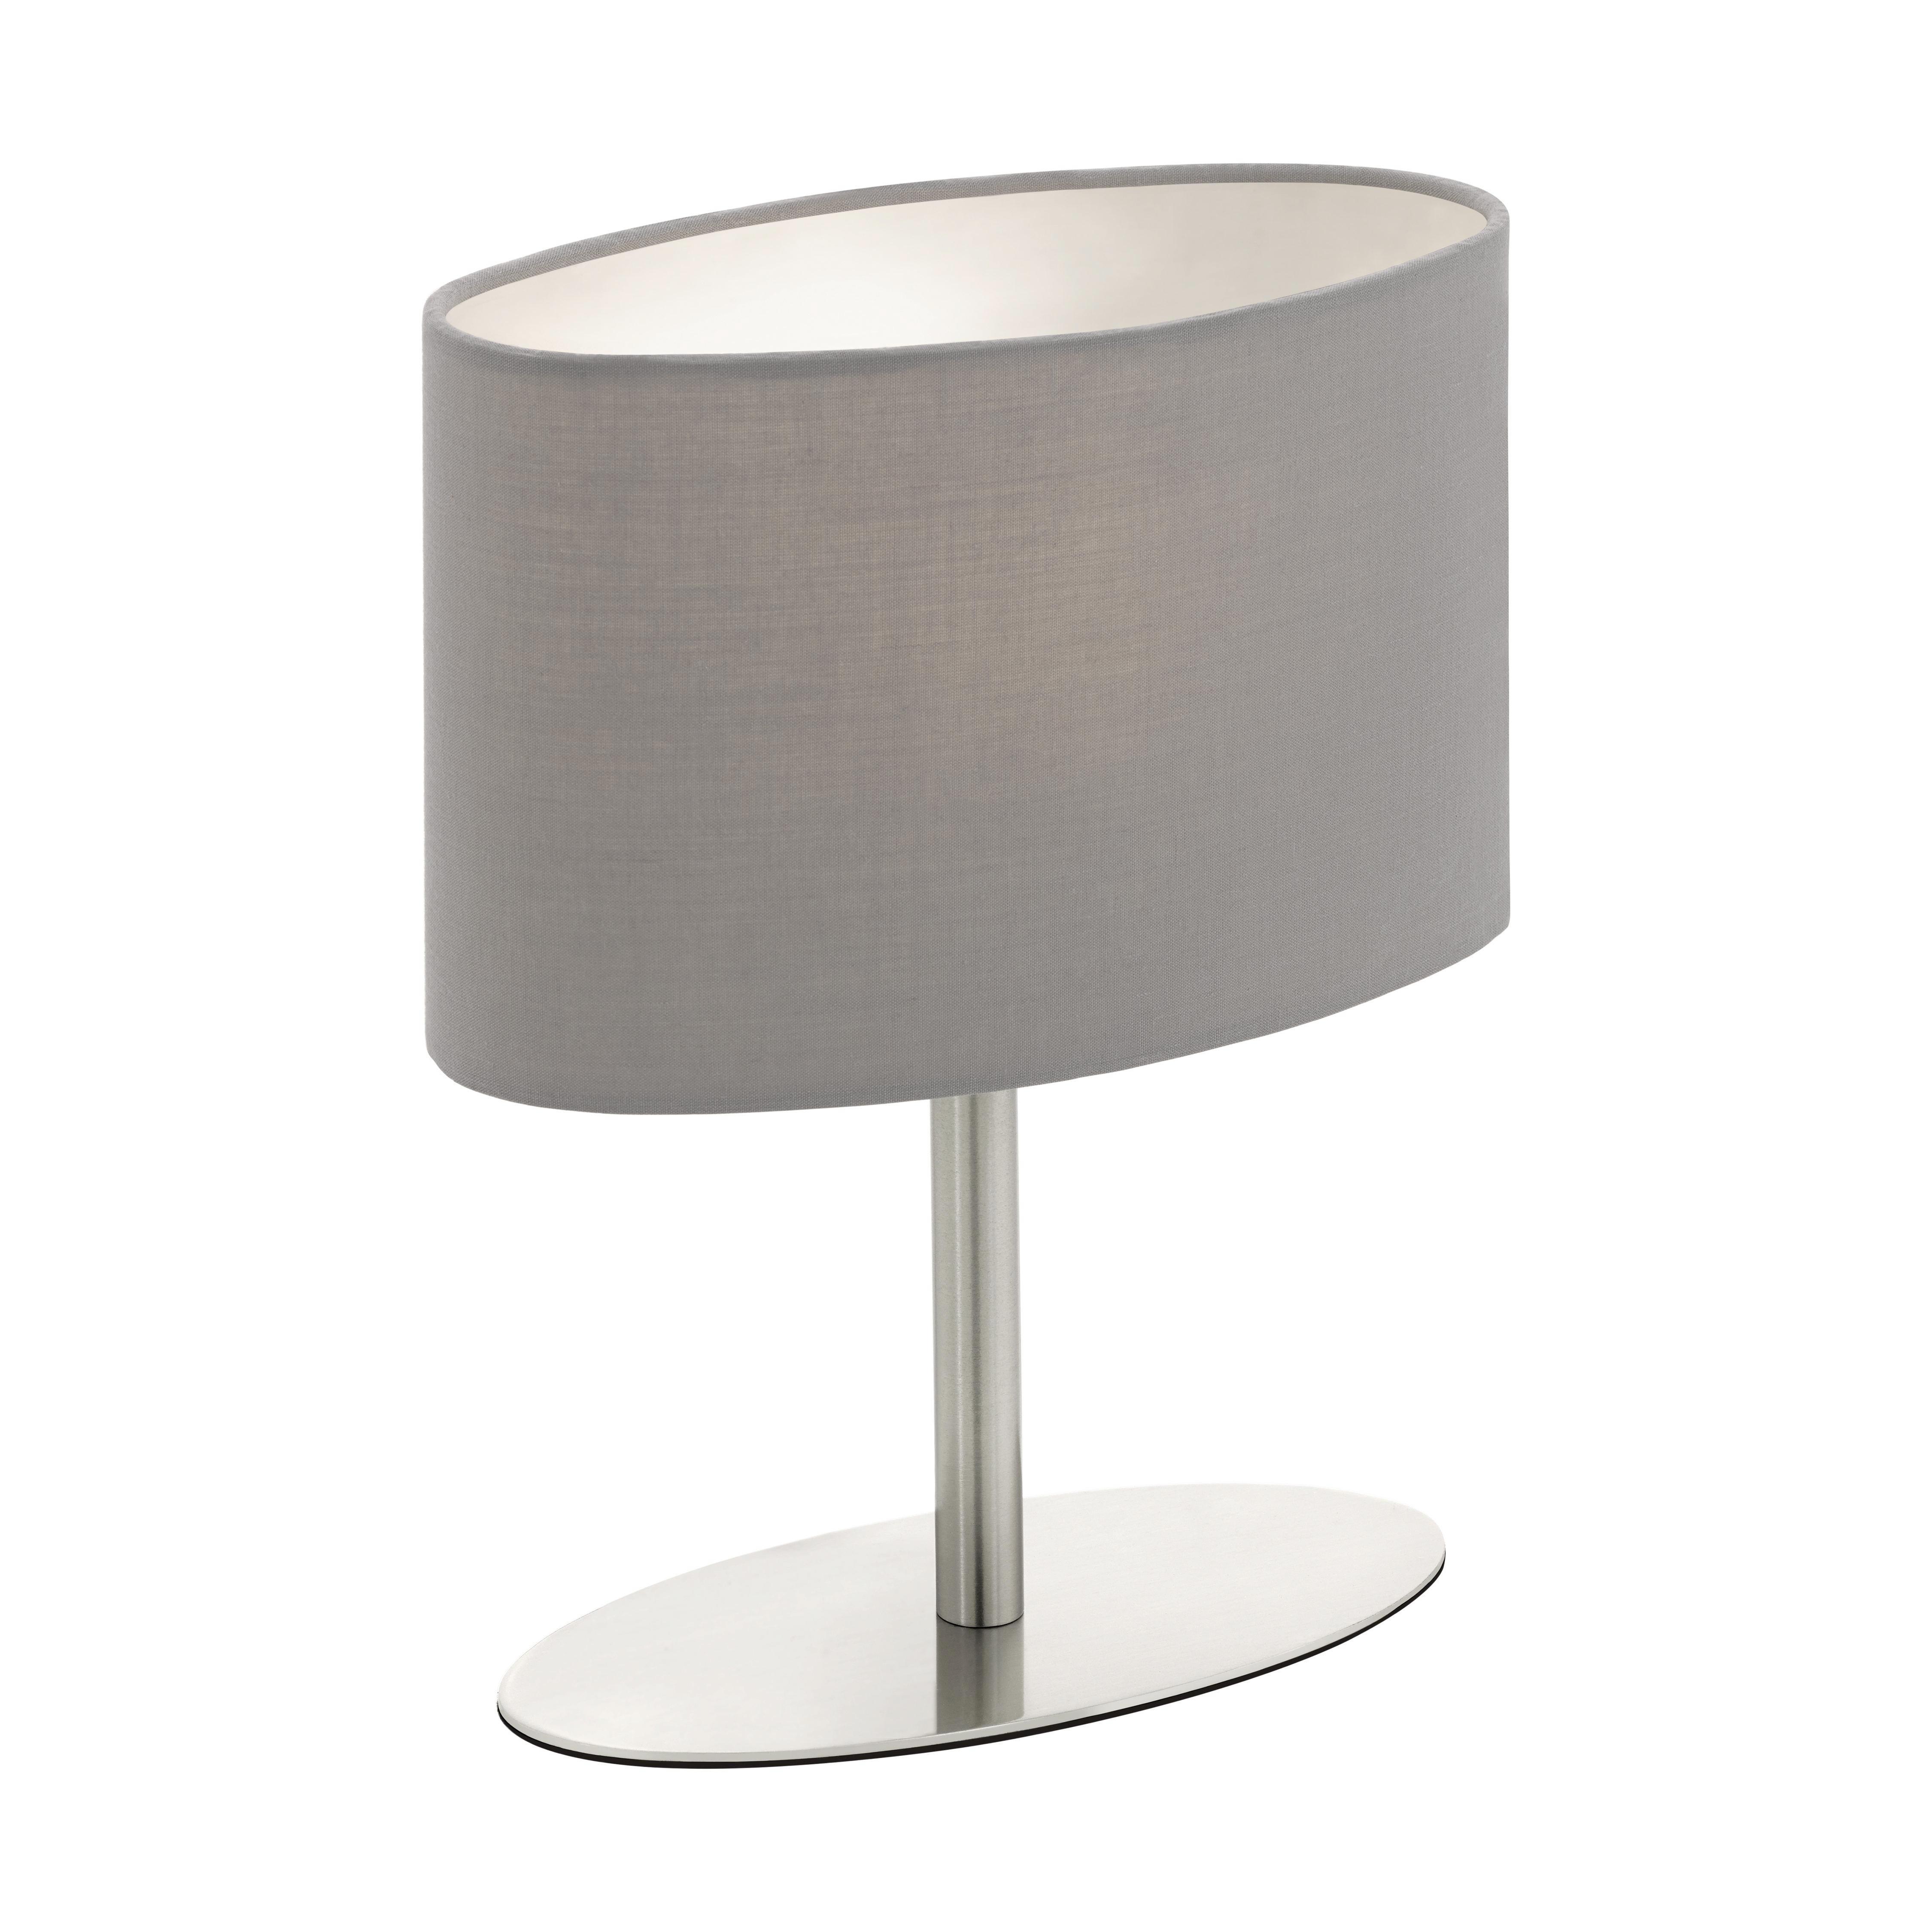 TISCHLEUCHTE - Grau, KONVENTIONELL, Metall (20/10/25cm) - BOXXX